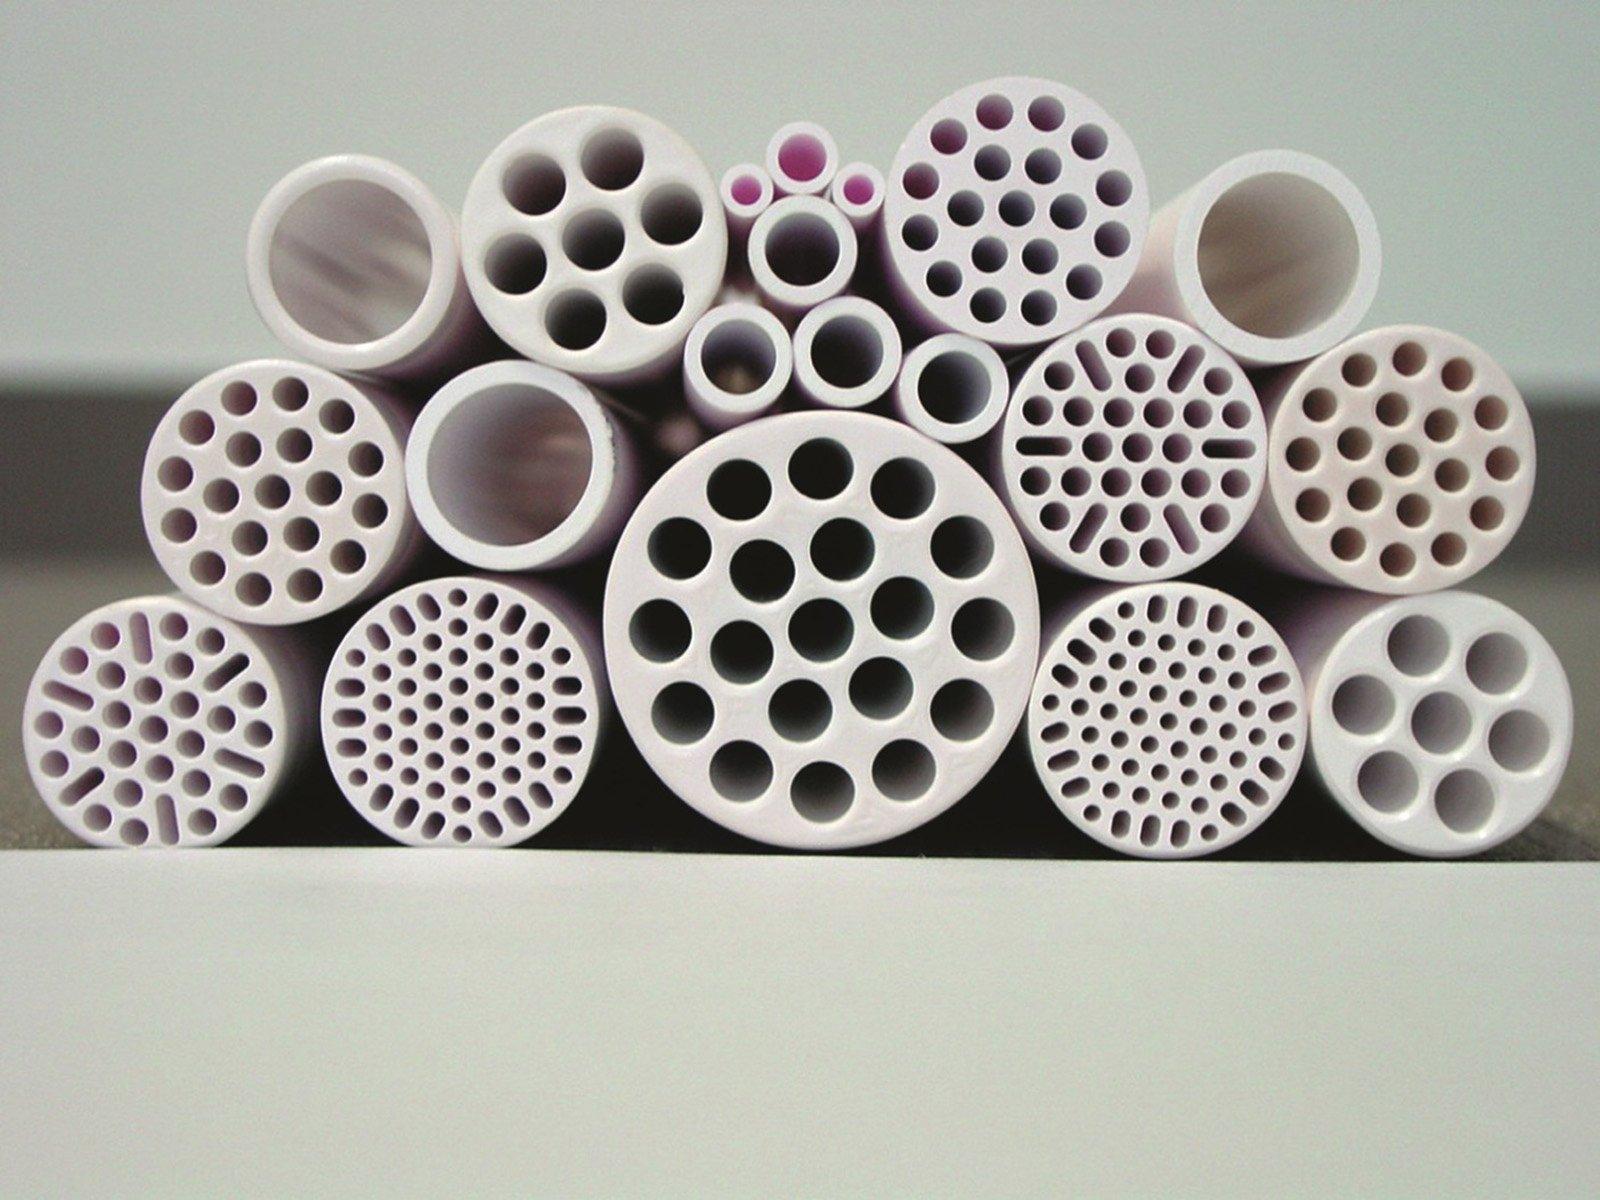 Durch keramische Rohre wird das Wasser mit Überdruck gepumpt, die unerwünschten Bestandteile treten dann durch die winzigen Poren an der Außenseite des Rohres aus.